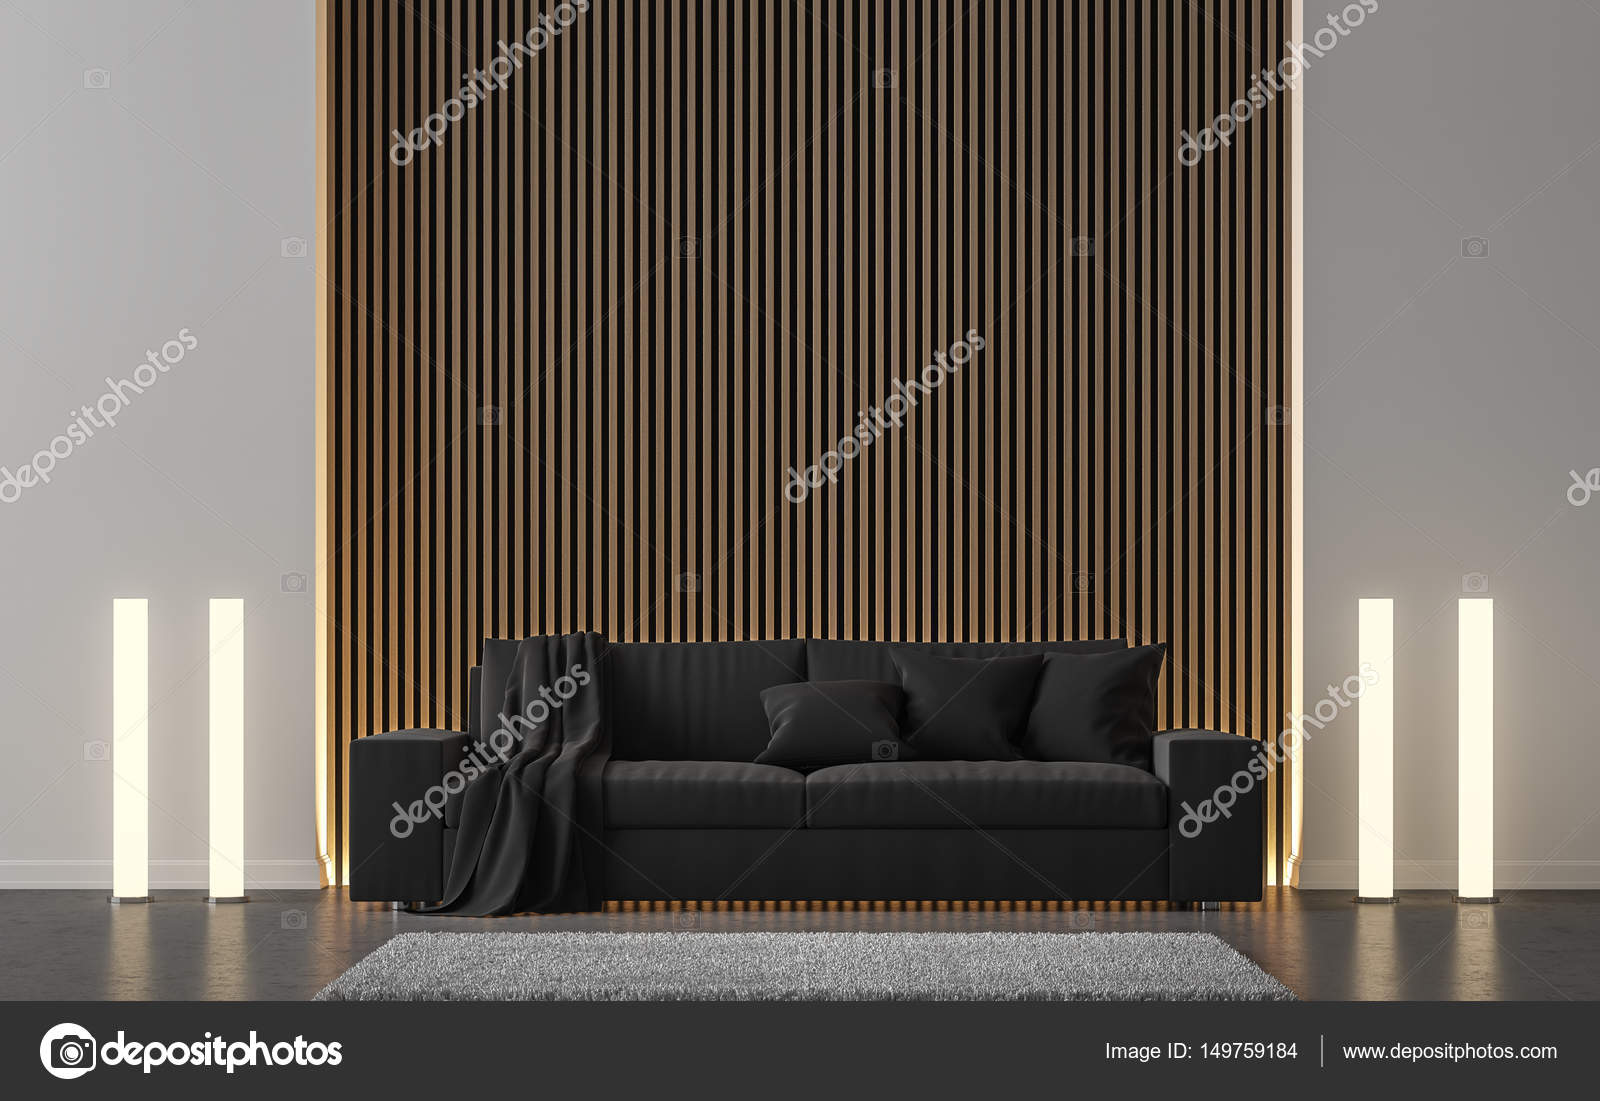 Moderne Wohnzimmer schmücken die Wand mit hölzernen Gitter 3d Render ...